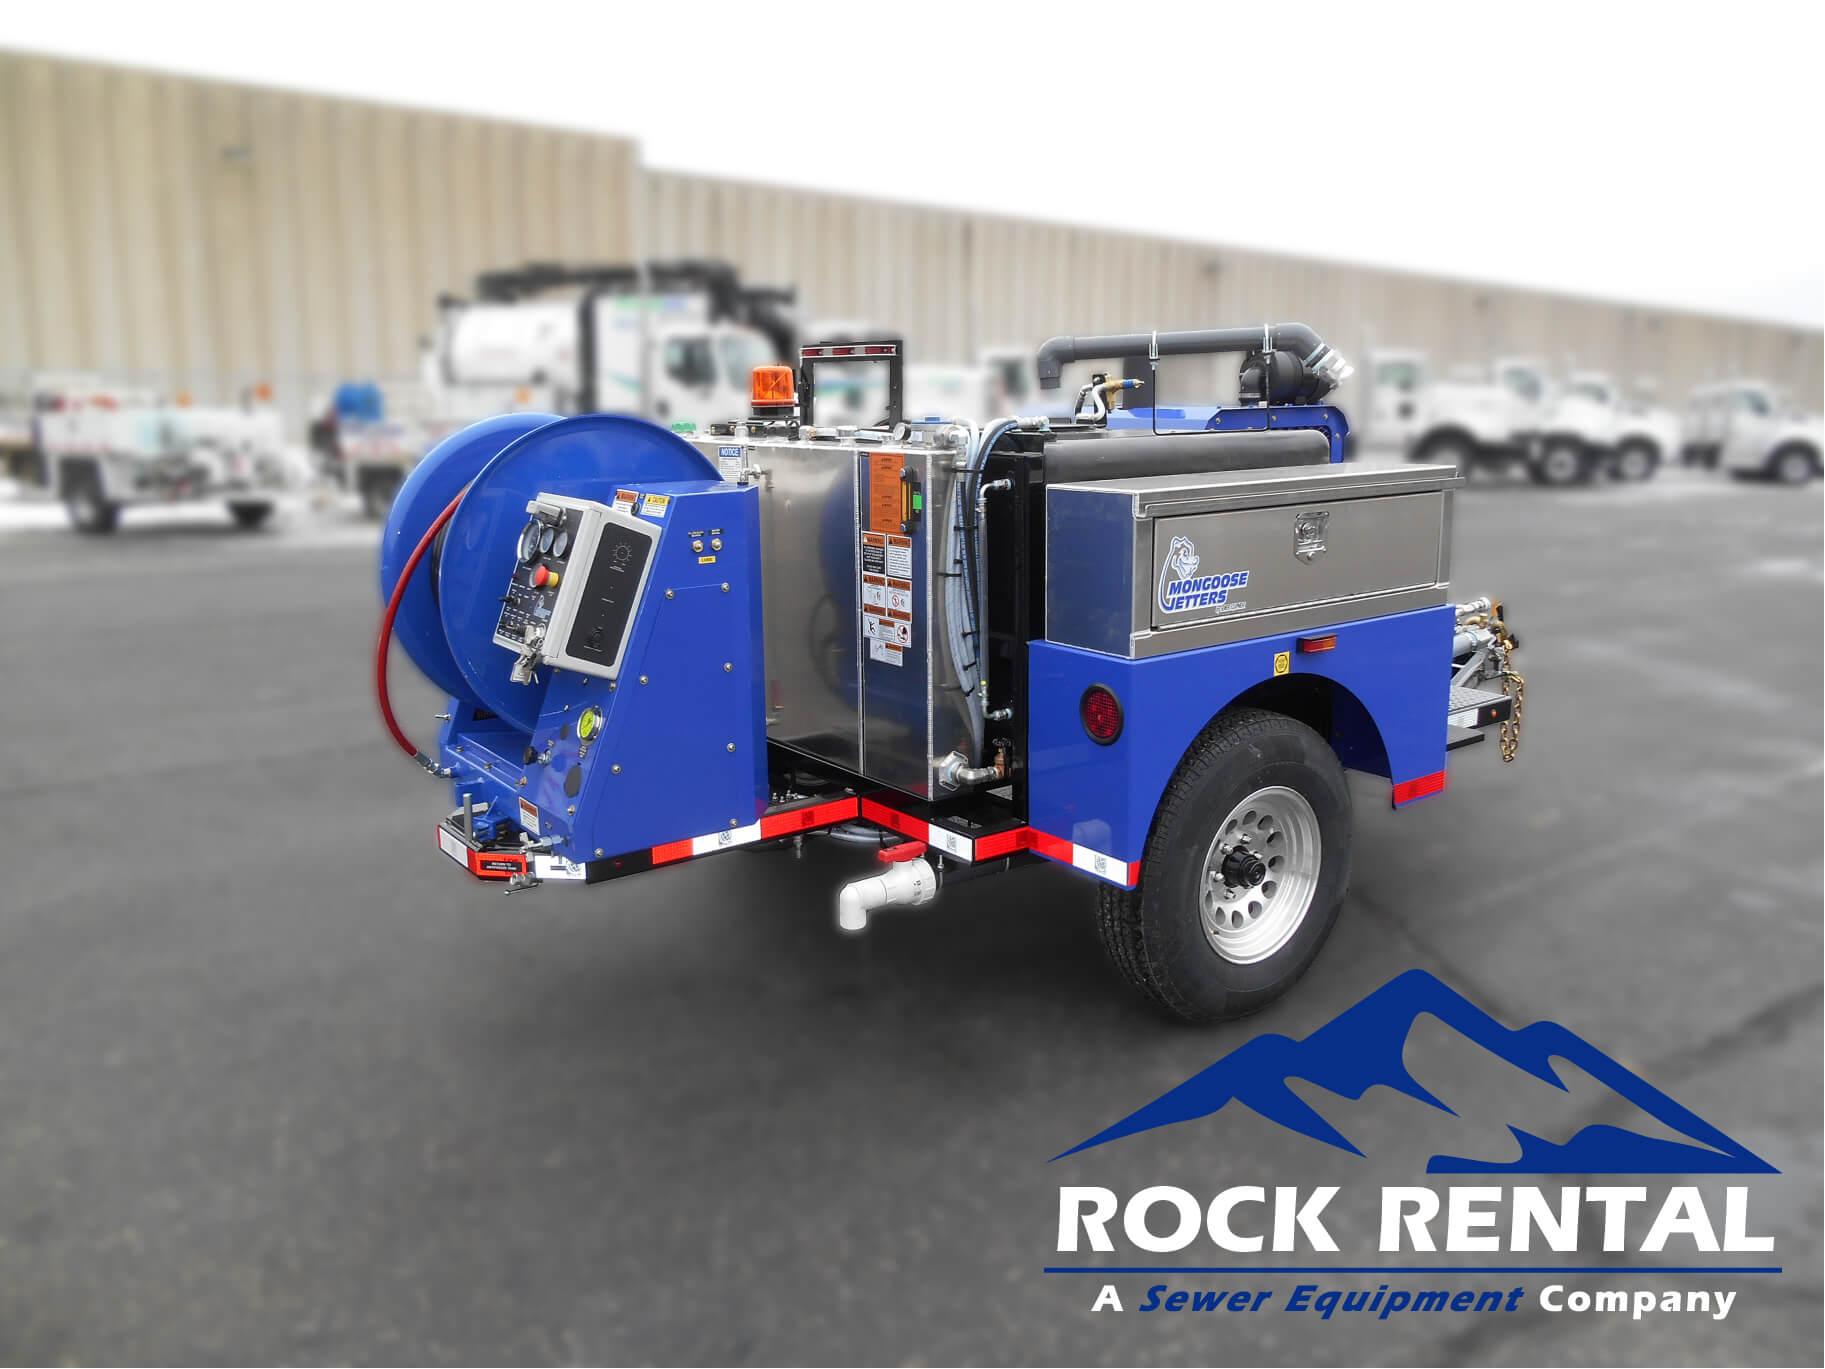 rock rental equipment